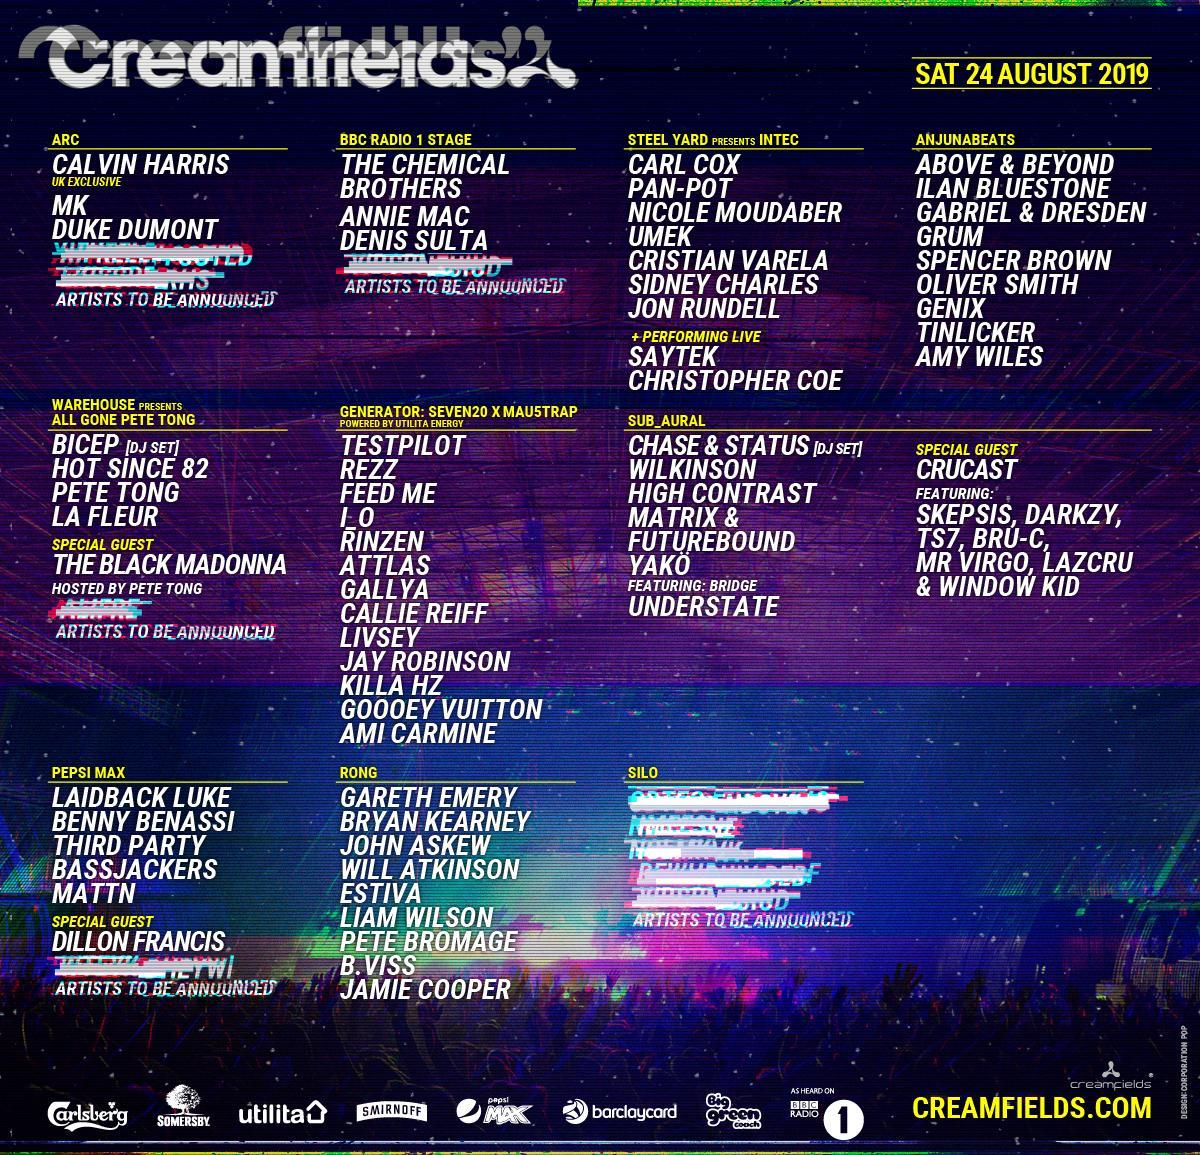 Creamfields 2019 schedule